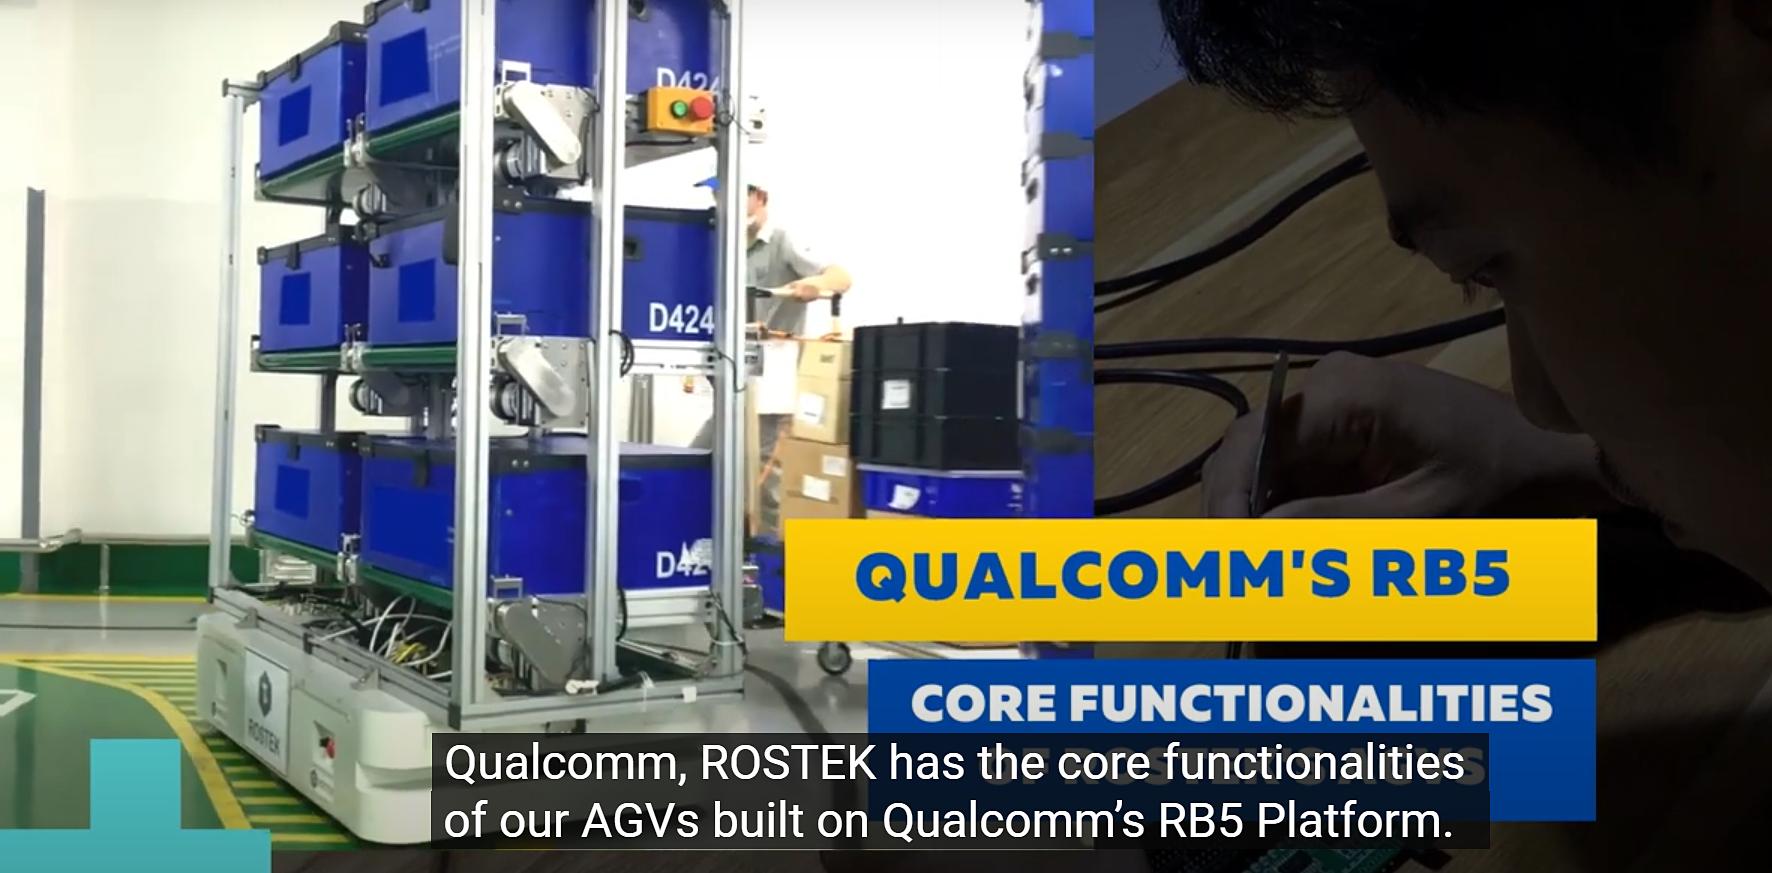 Sản phẩm robot tự hành của ROSTEK đã hoàn thiện hơn trên nền tảng và tư vấn kỹ thuật của Qualcomm qua QVIC. Ảnh: Qualcomm.